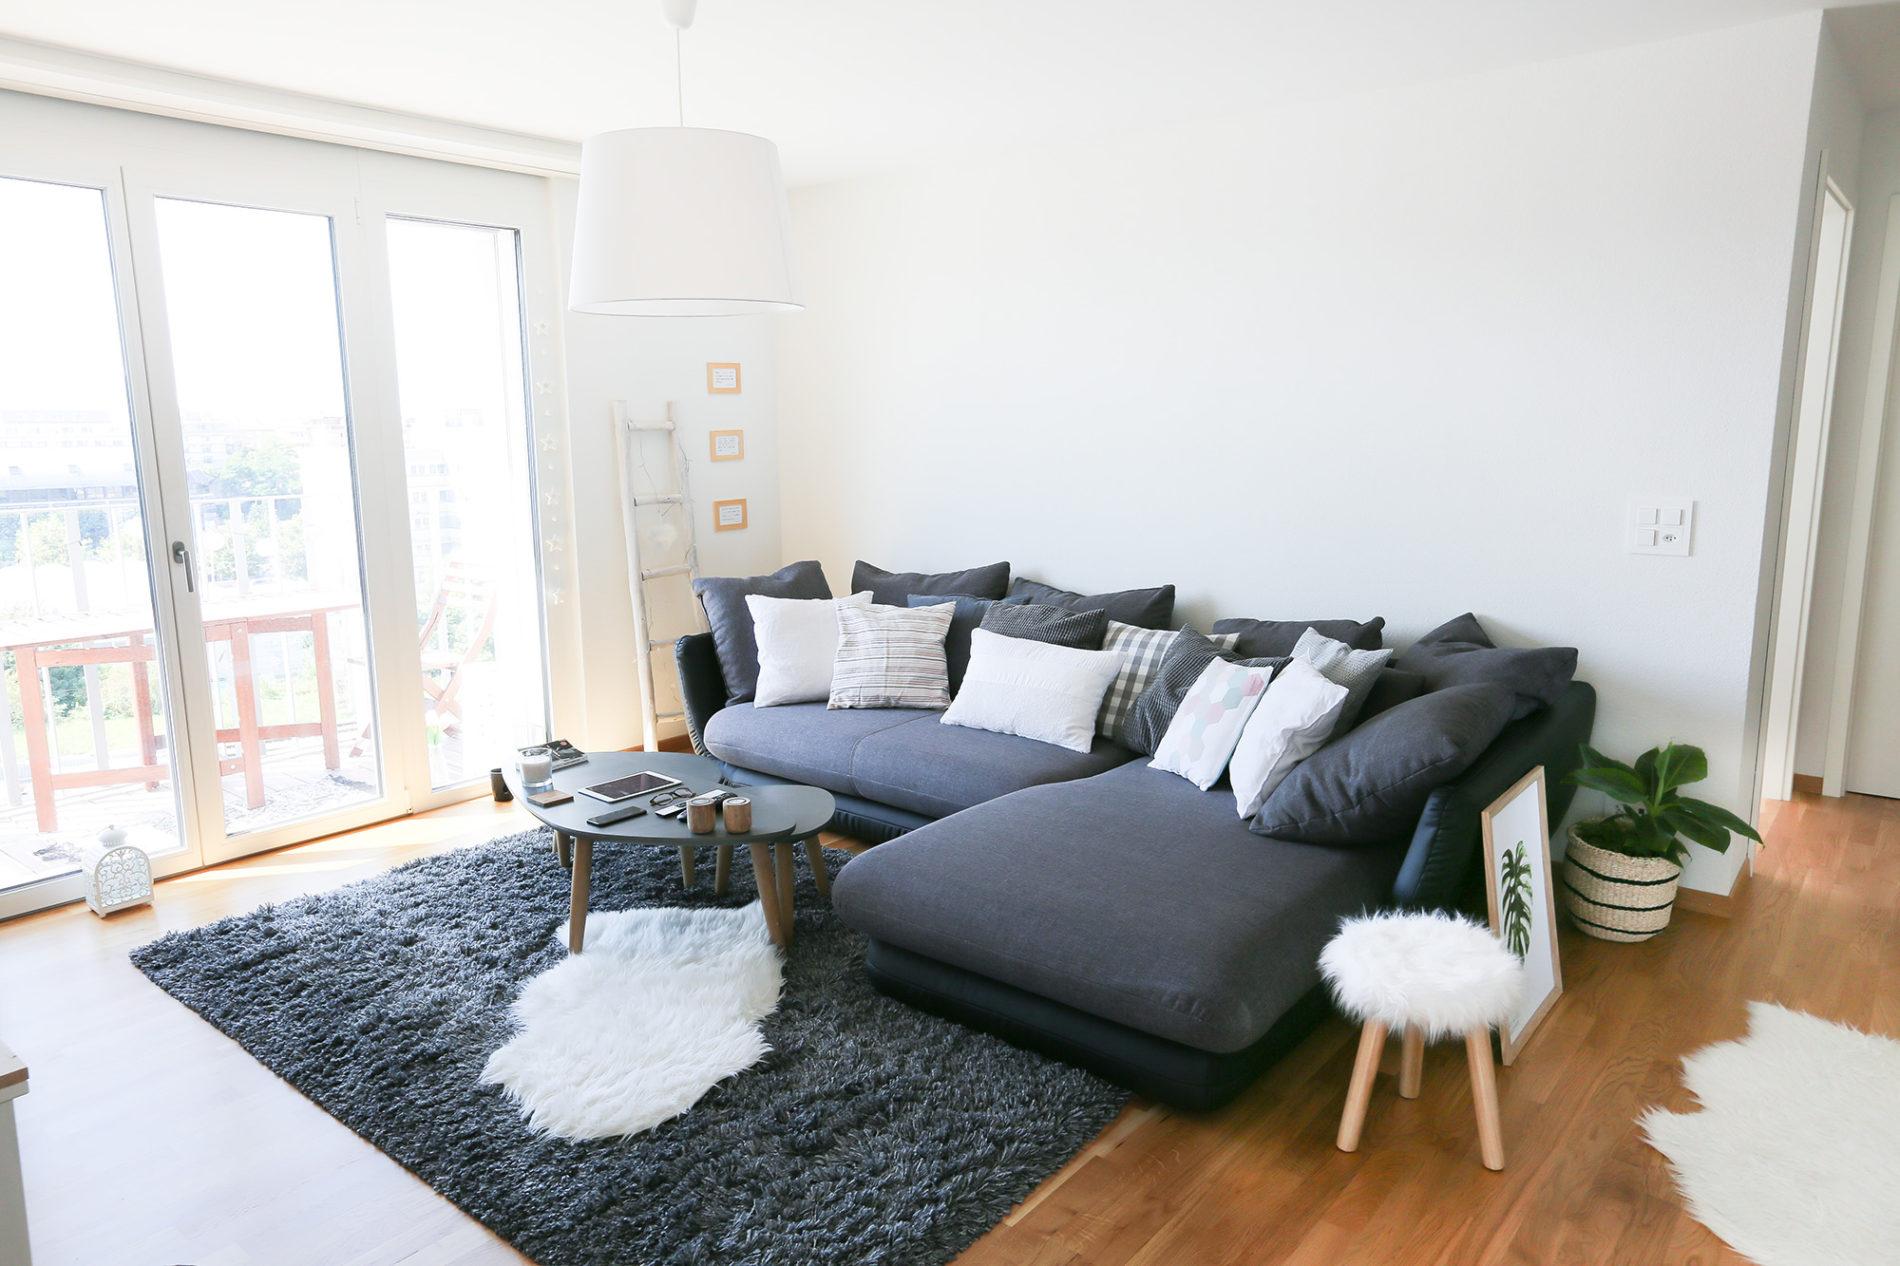 Deco Petit Salon Appartement un petit tour chez moi - ally bing